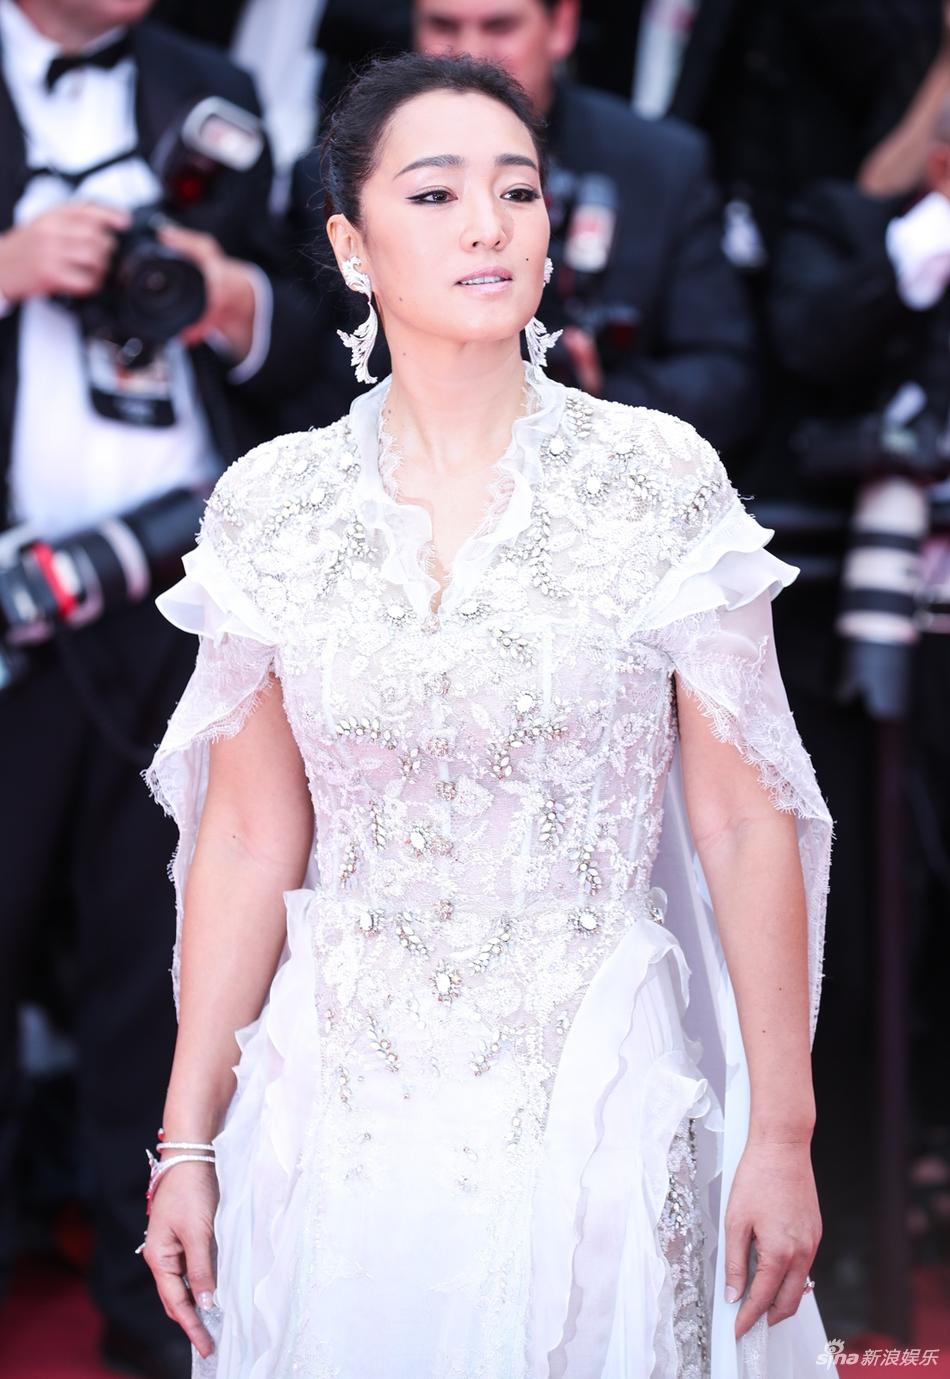 Không có Phạm Băng Băng, sao Hoa ngữ bị lấn át tại thảm đỏ Cannes 2019 - Ảnh 1